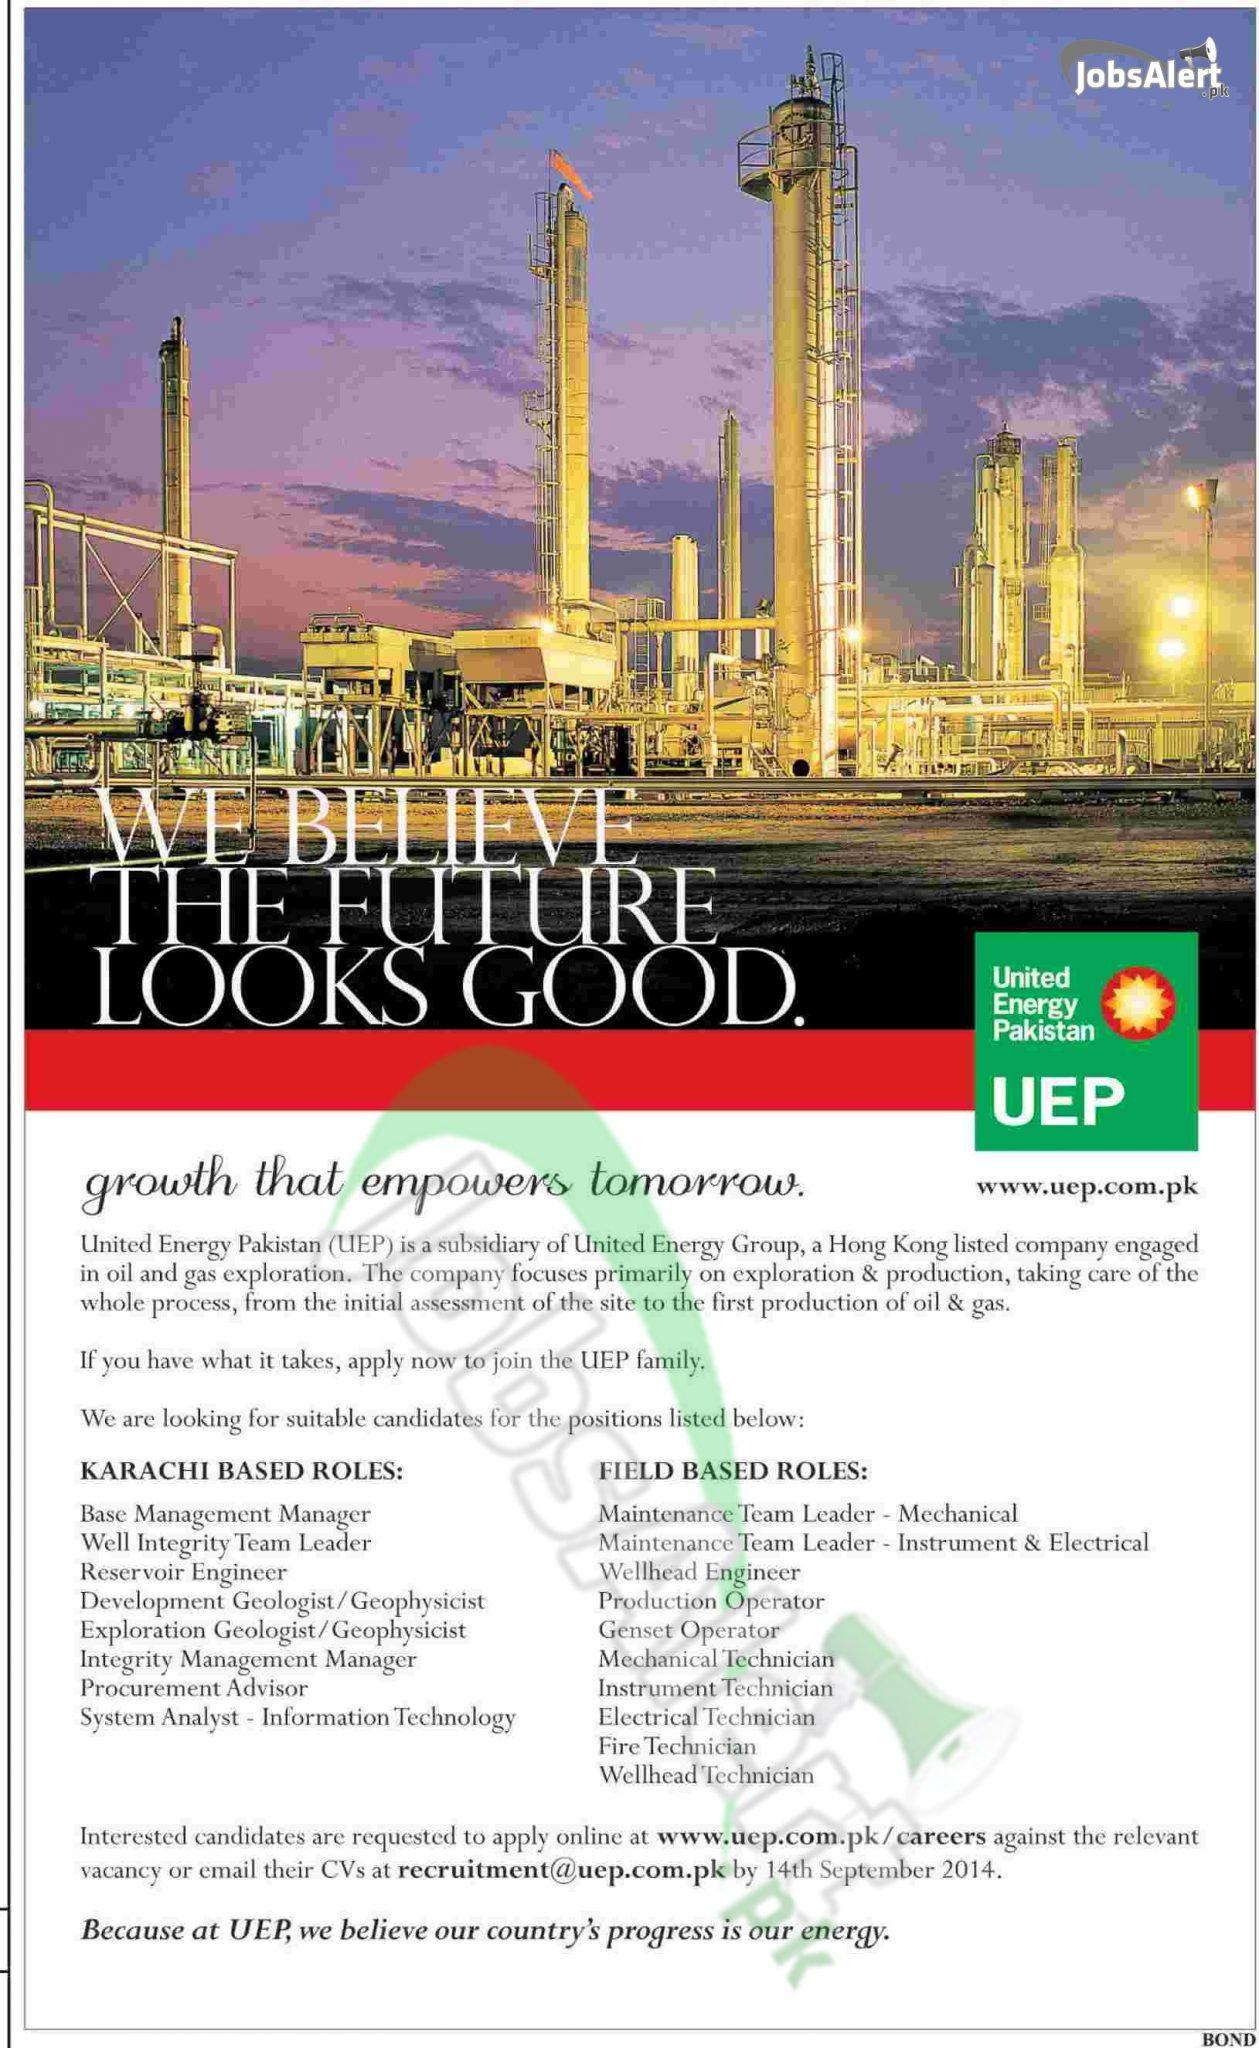 United Energy Pakistan (UEP)